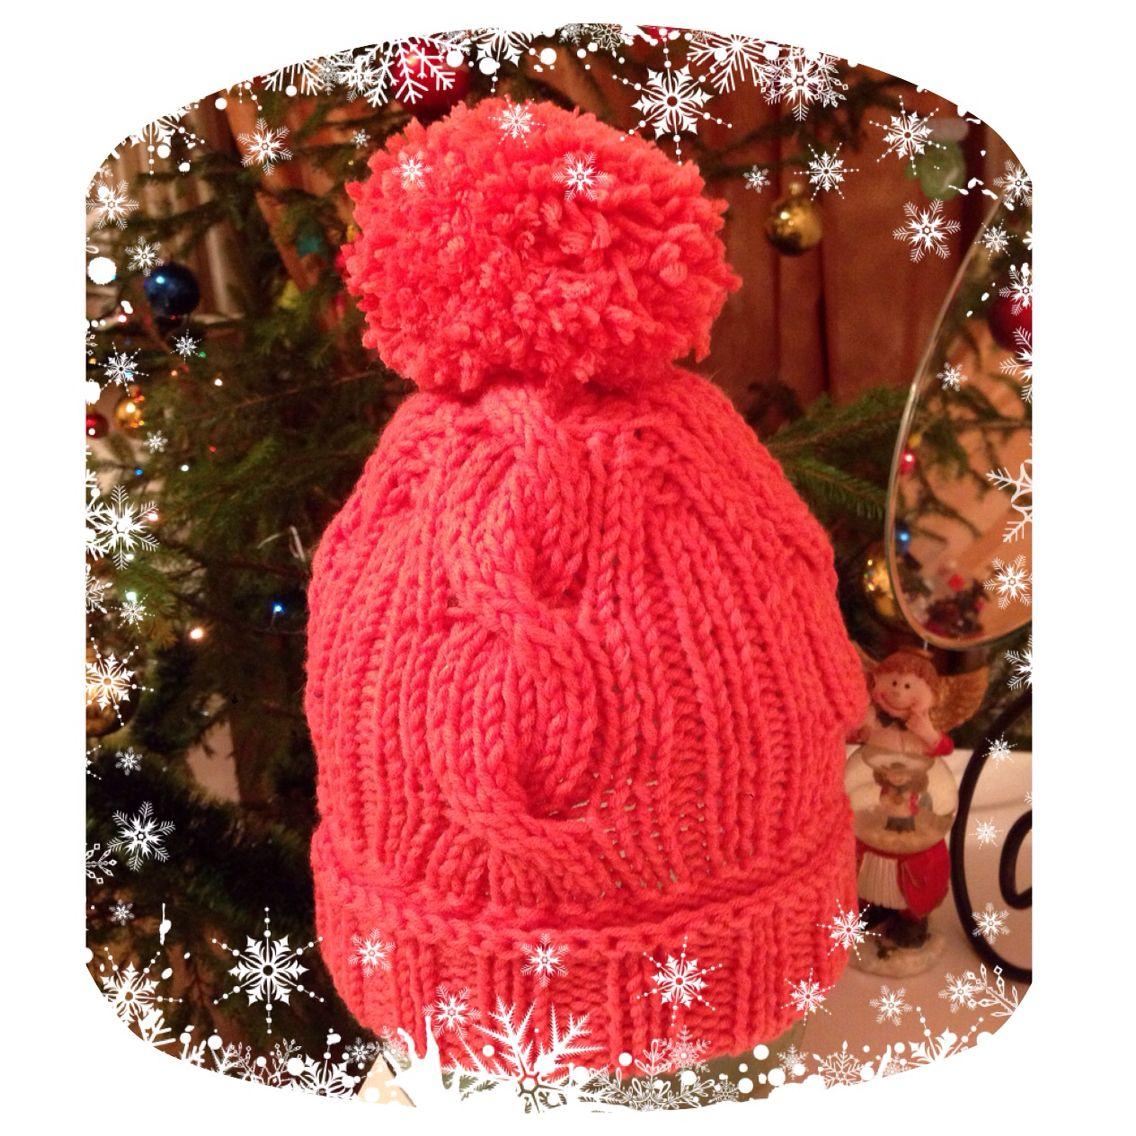 Red warm hat